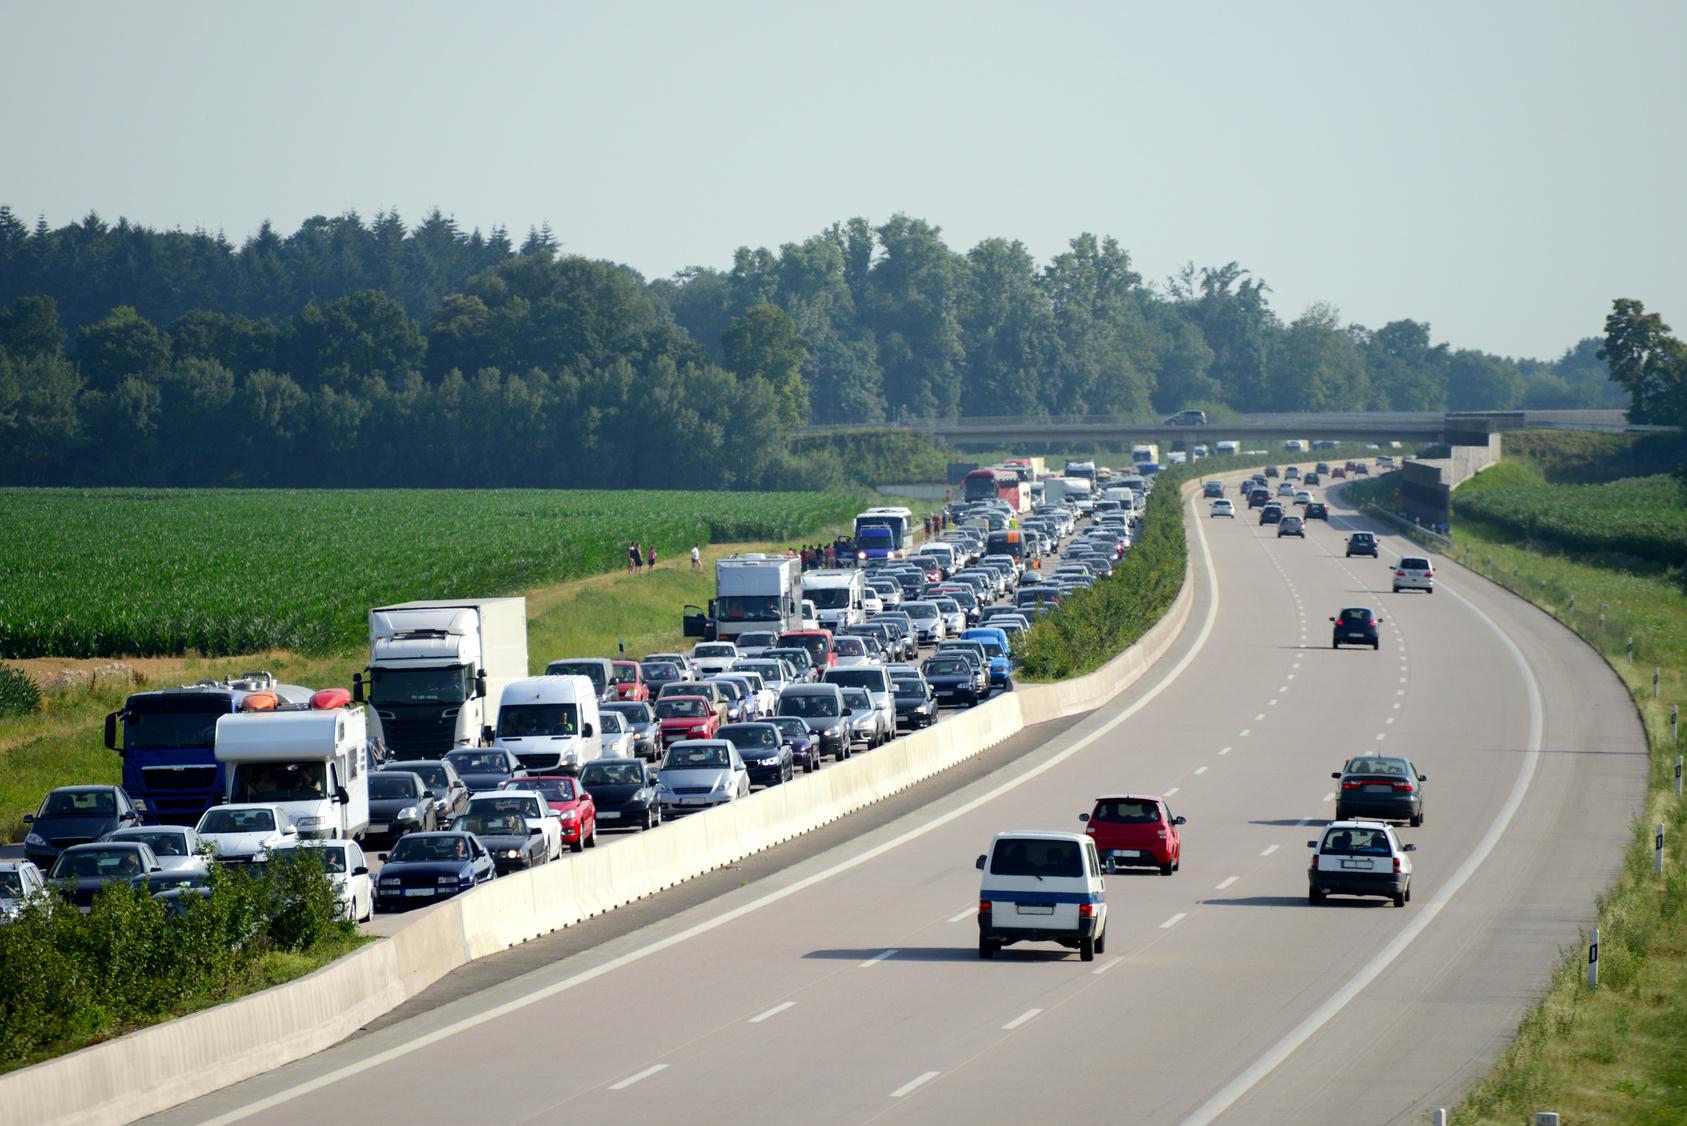 voitures sur la route